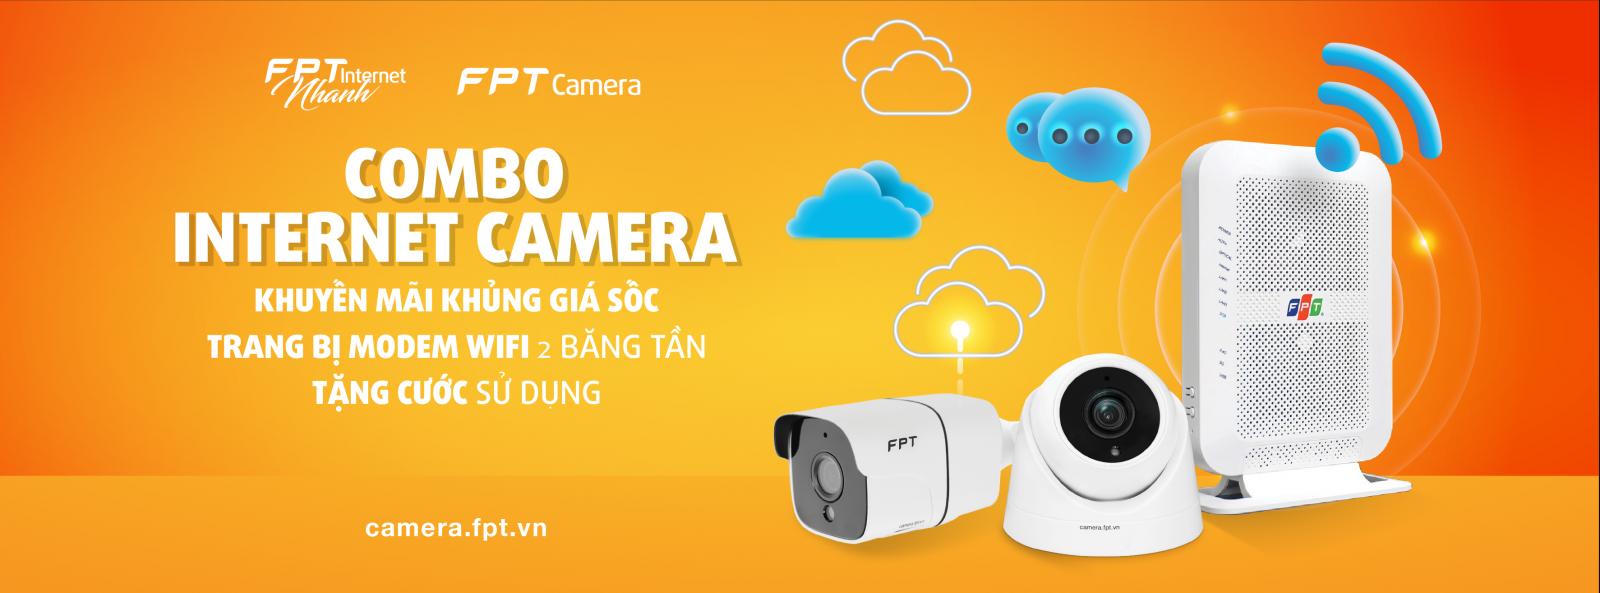 Lắp đặt Camera quan sát uy tín giá rẻ – Camera FPT